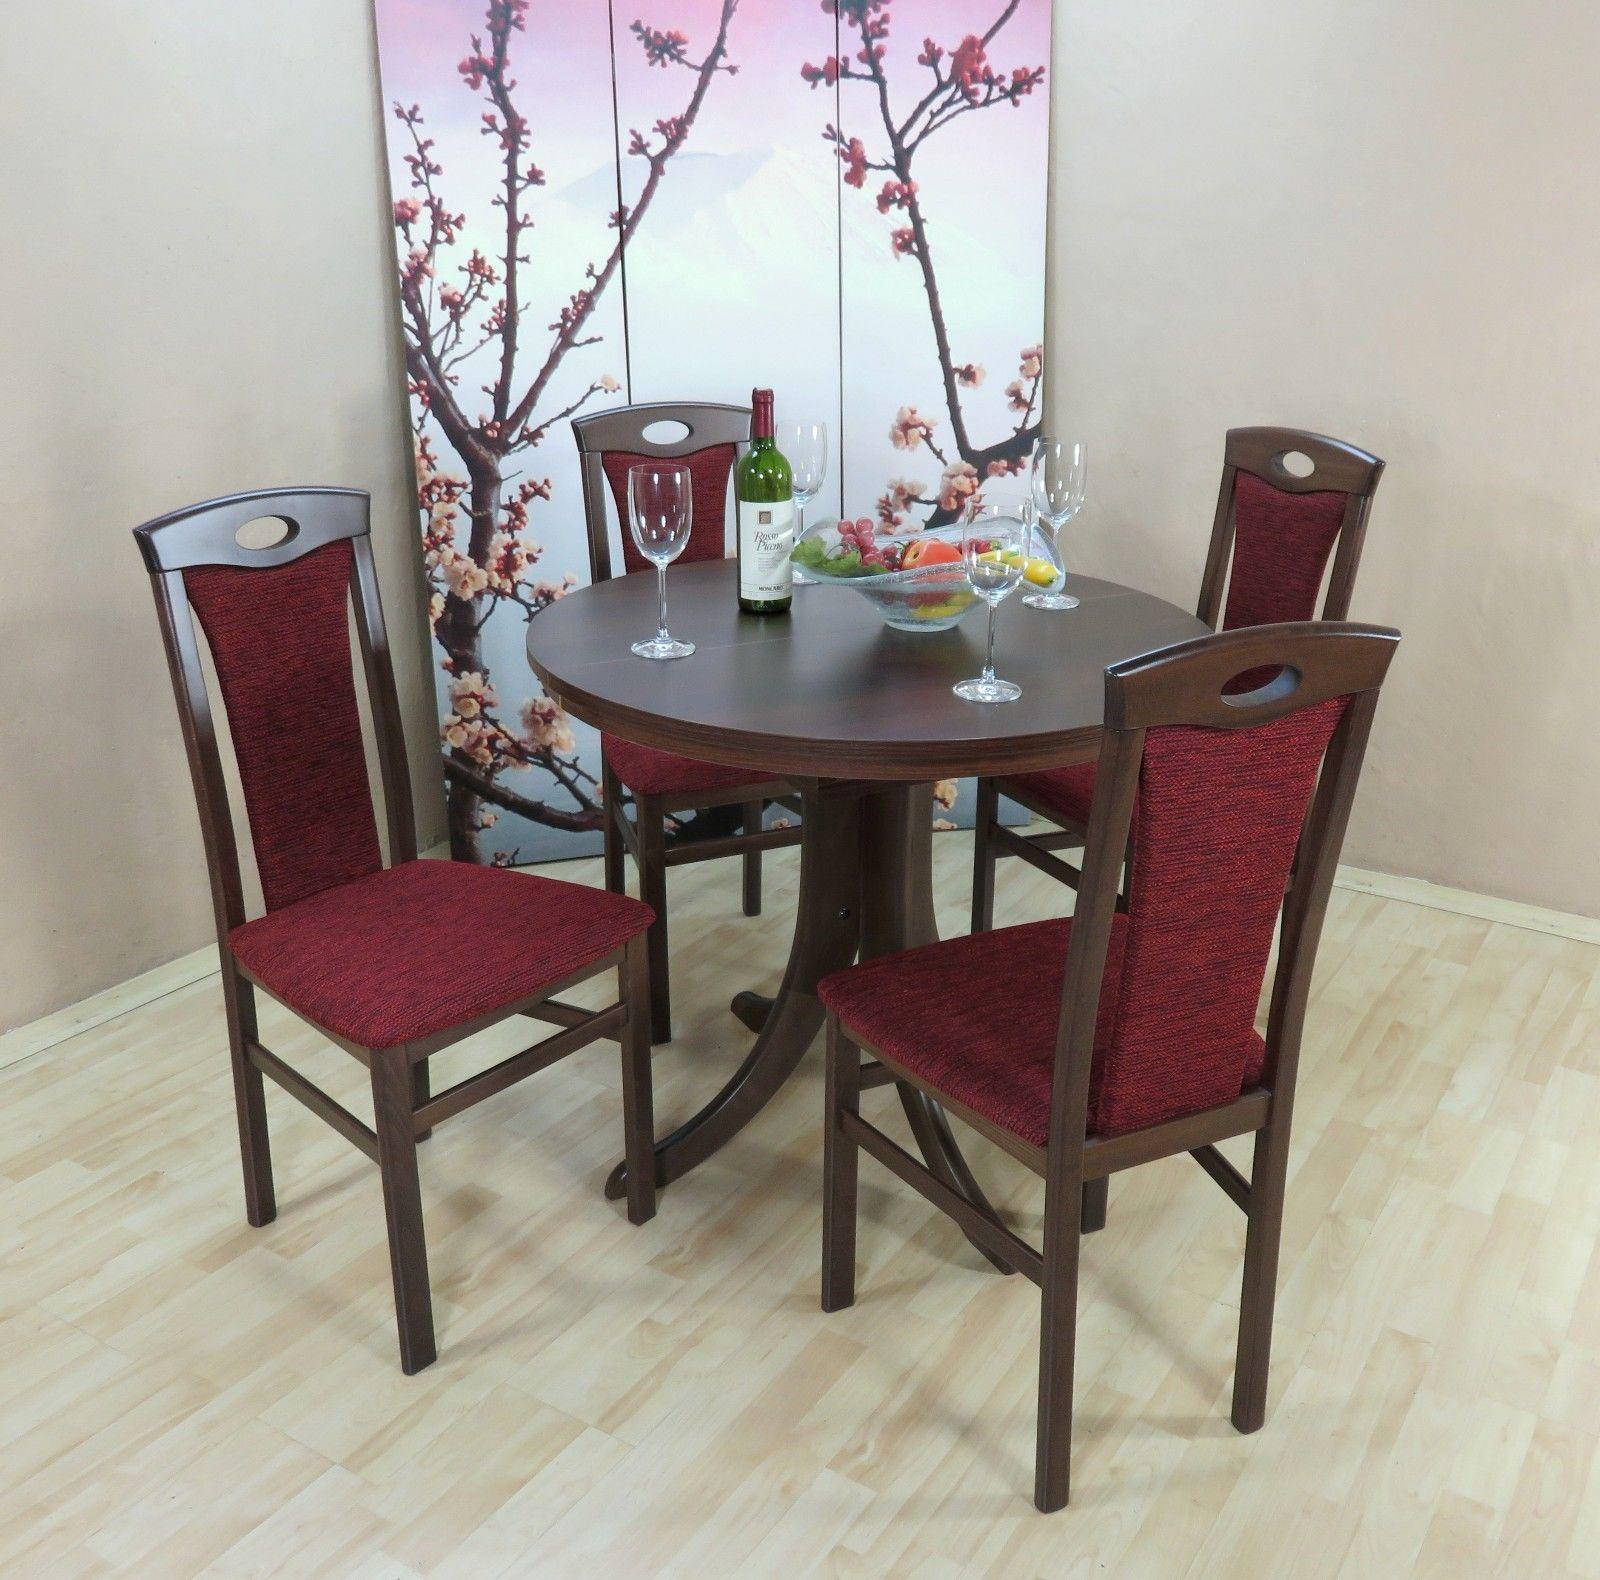 2 X Stuhl Massivholz Buche Nuss Dunkel Bordeauxrot Esszimmer Stuhlset 2er  Set